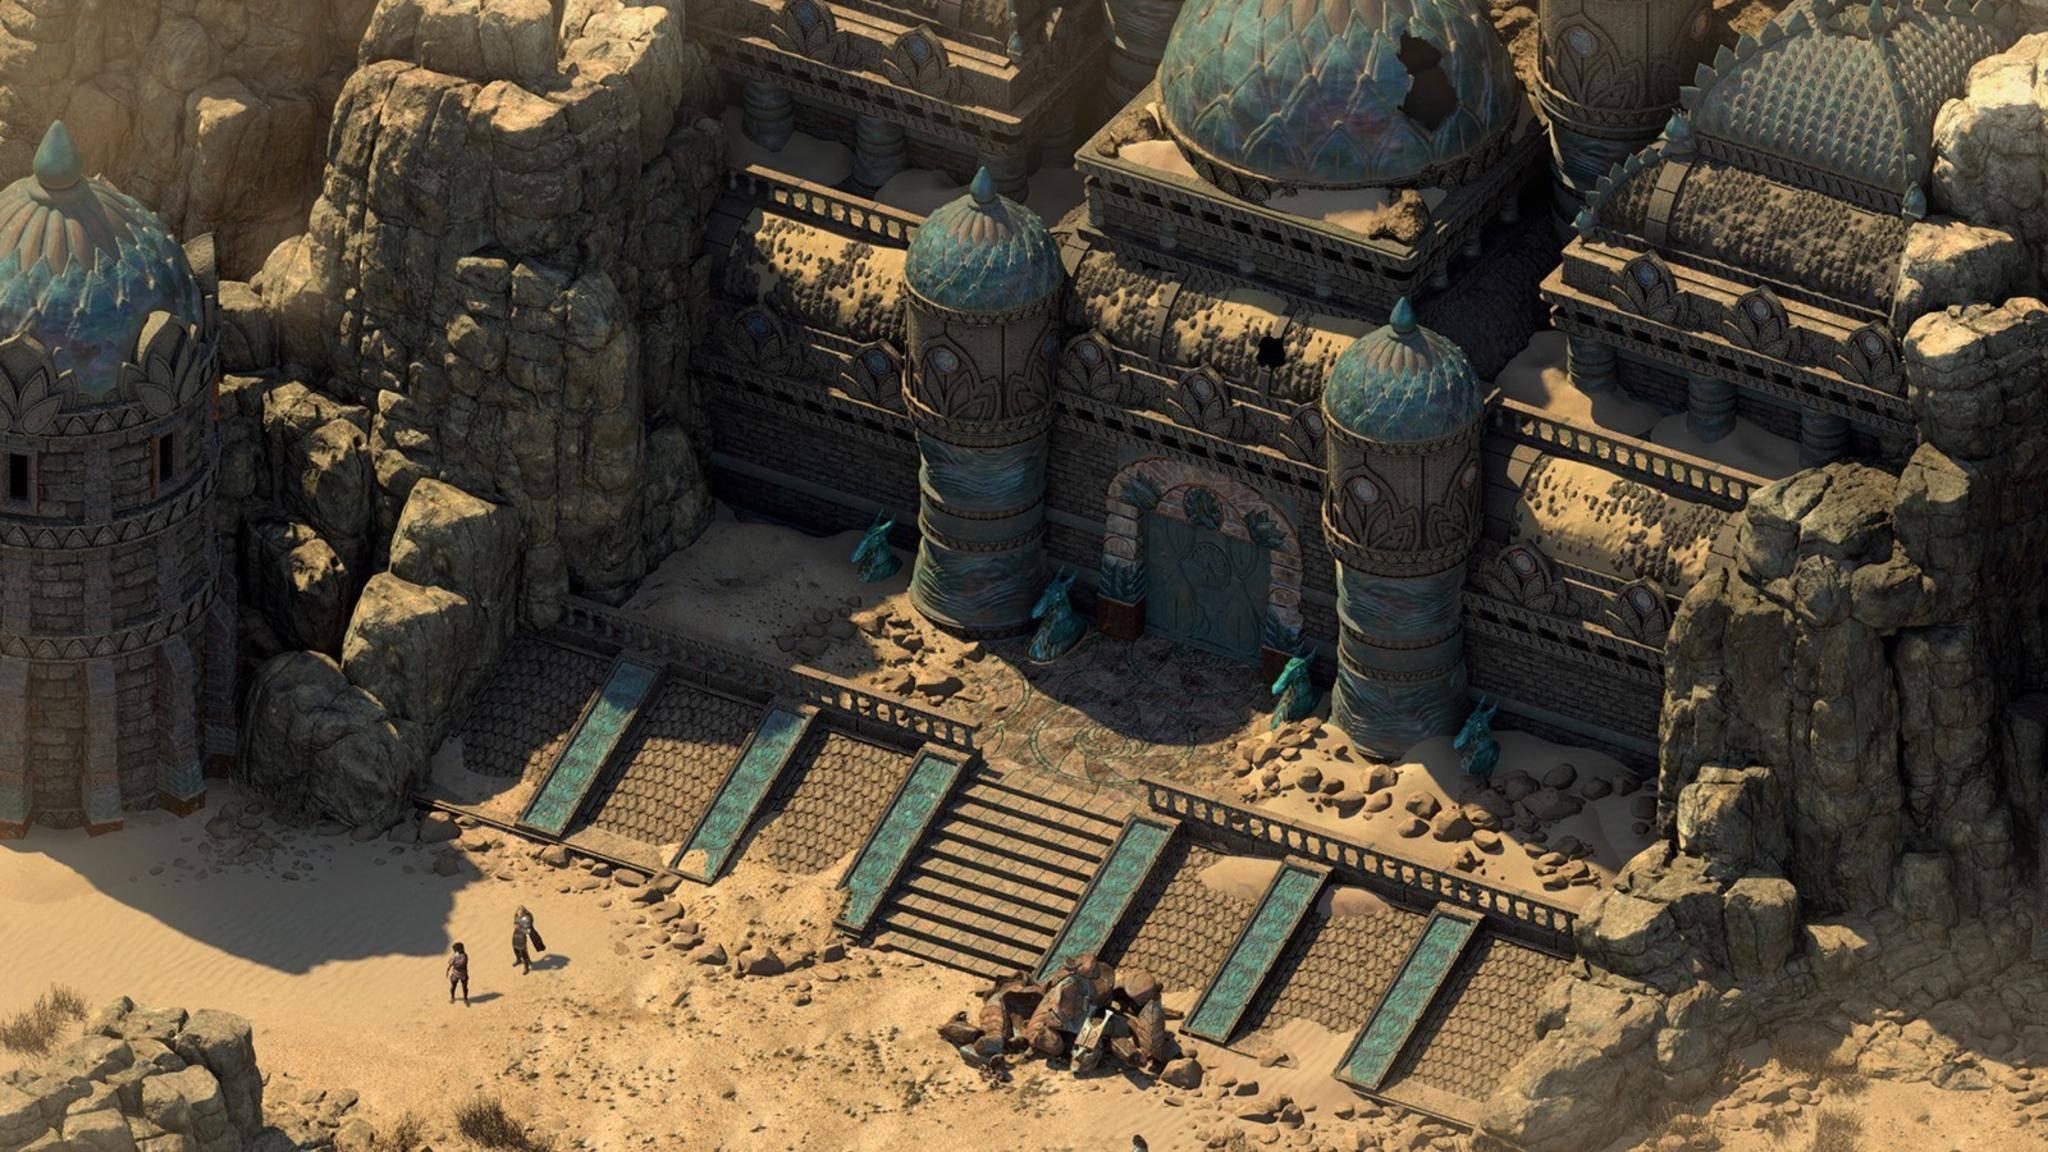 """Unsere Tipps erleichtern den Einstieg in die Welt von """"Pillars of Eternity 2: Deadfire""""."""